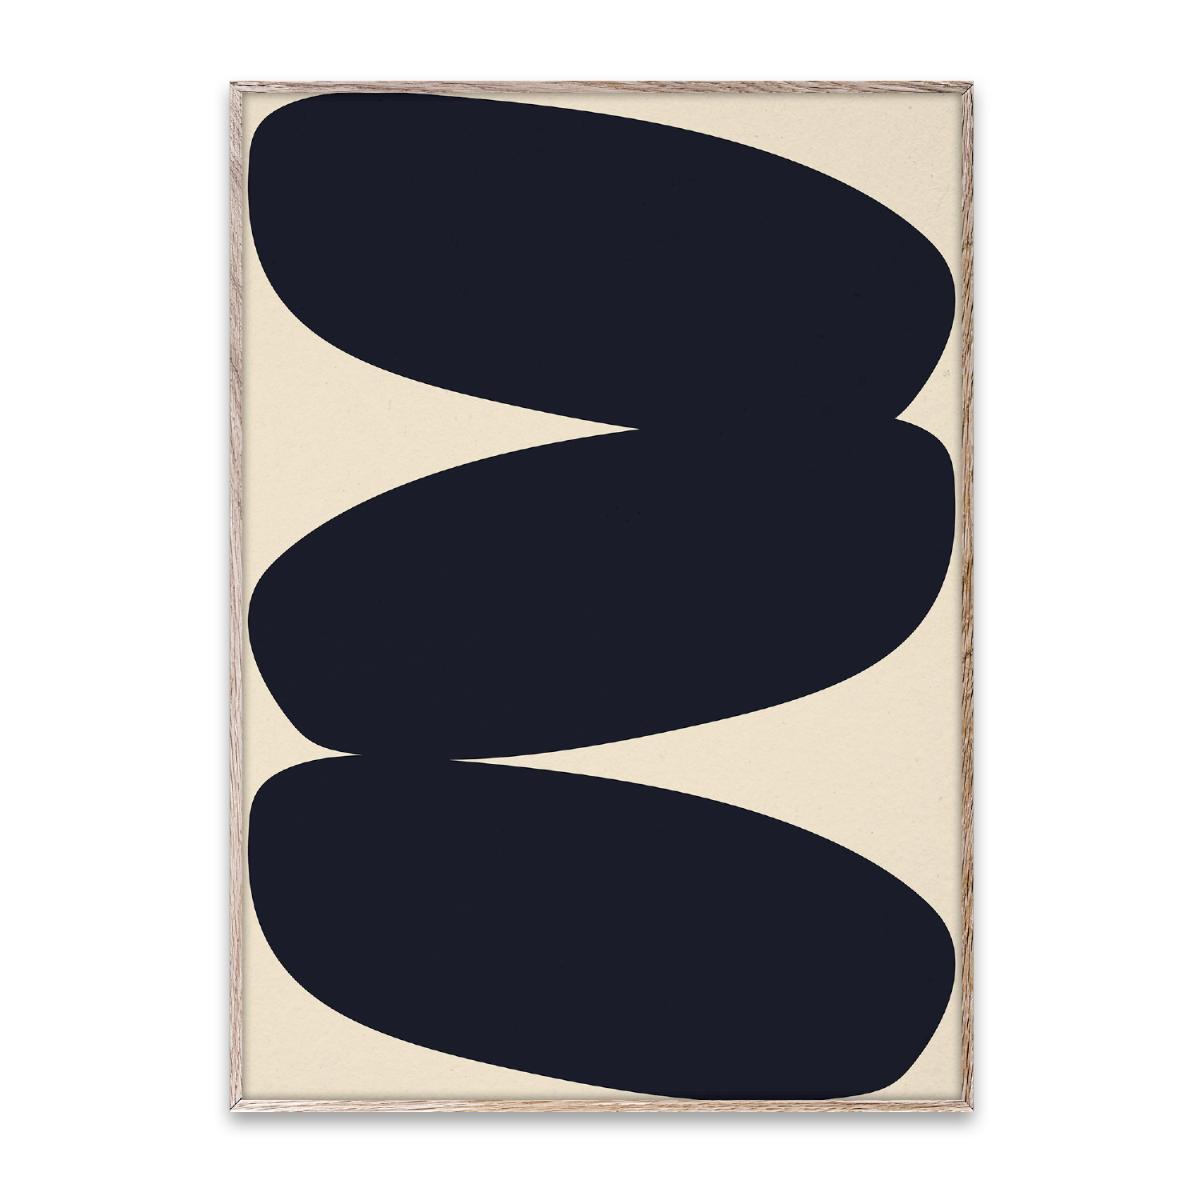 Designtorget Poster Solid Shapes 01 50x70 cm